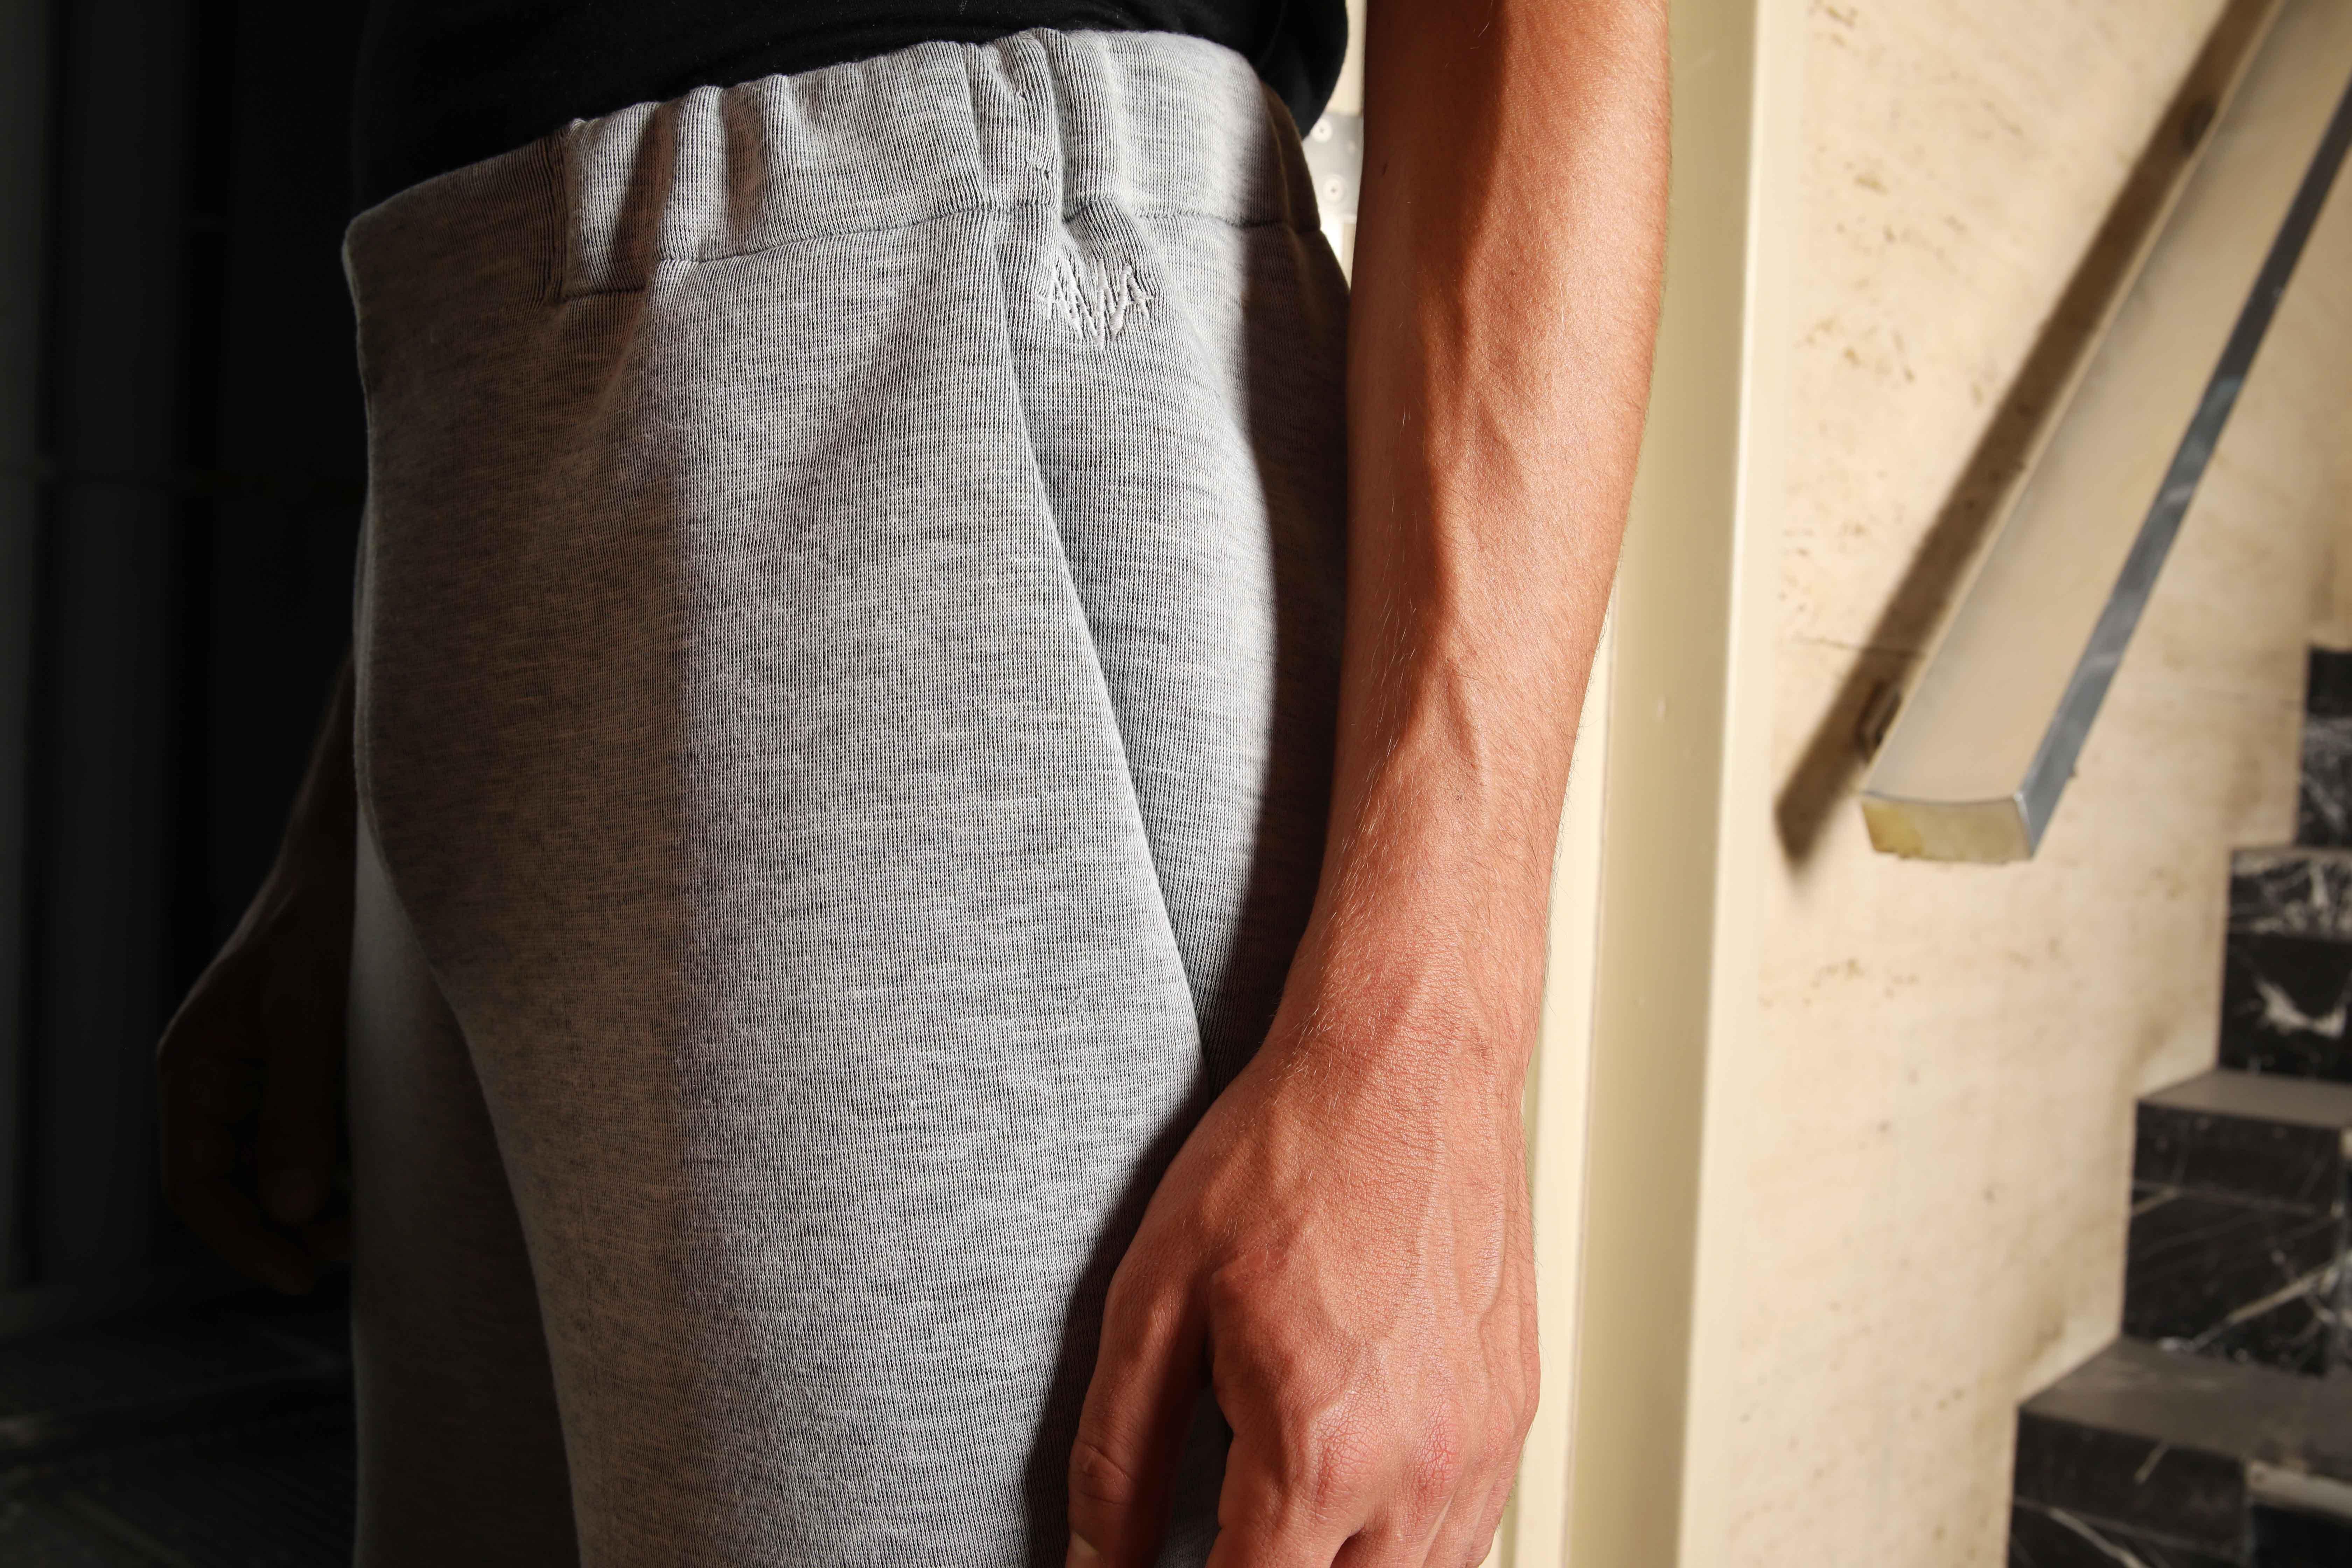 fashion, kledij, conscious, duurzaam, lokaal, unisex, men, broek, grijs, detail, logo, steekzak